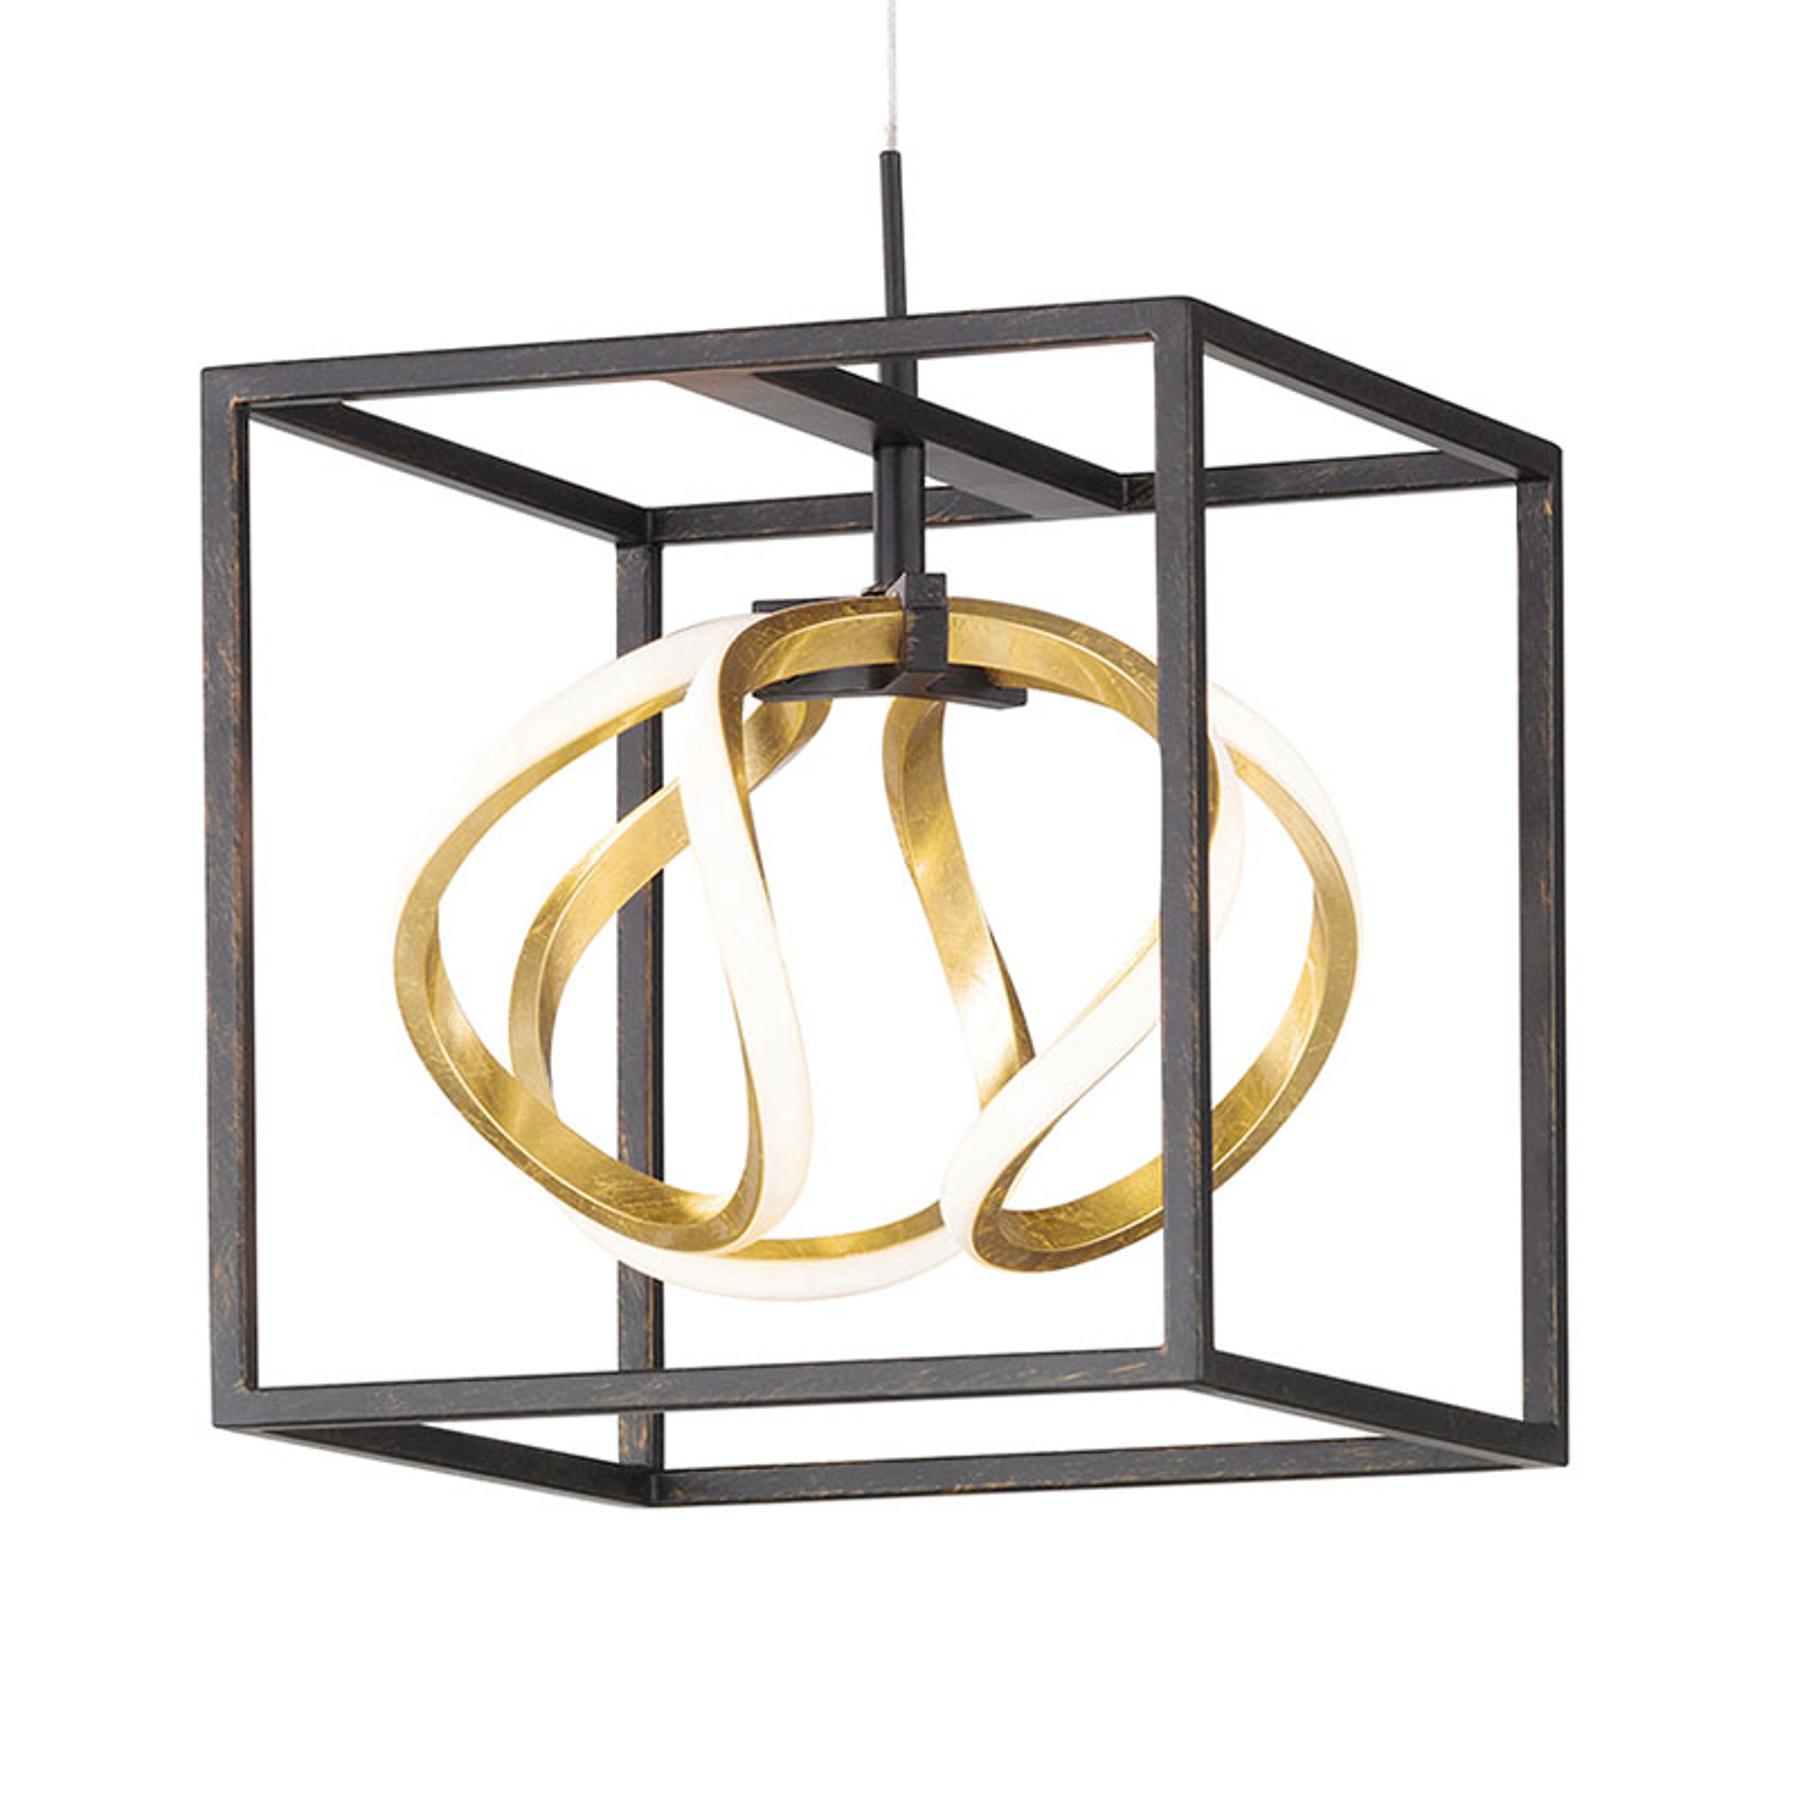 Suspension LED Gesa avec cage en métal, à 1 lampe